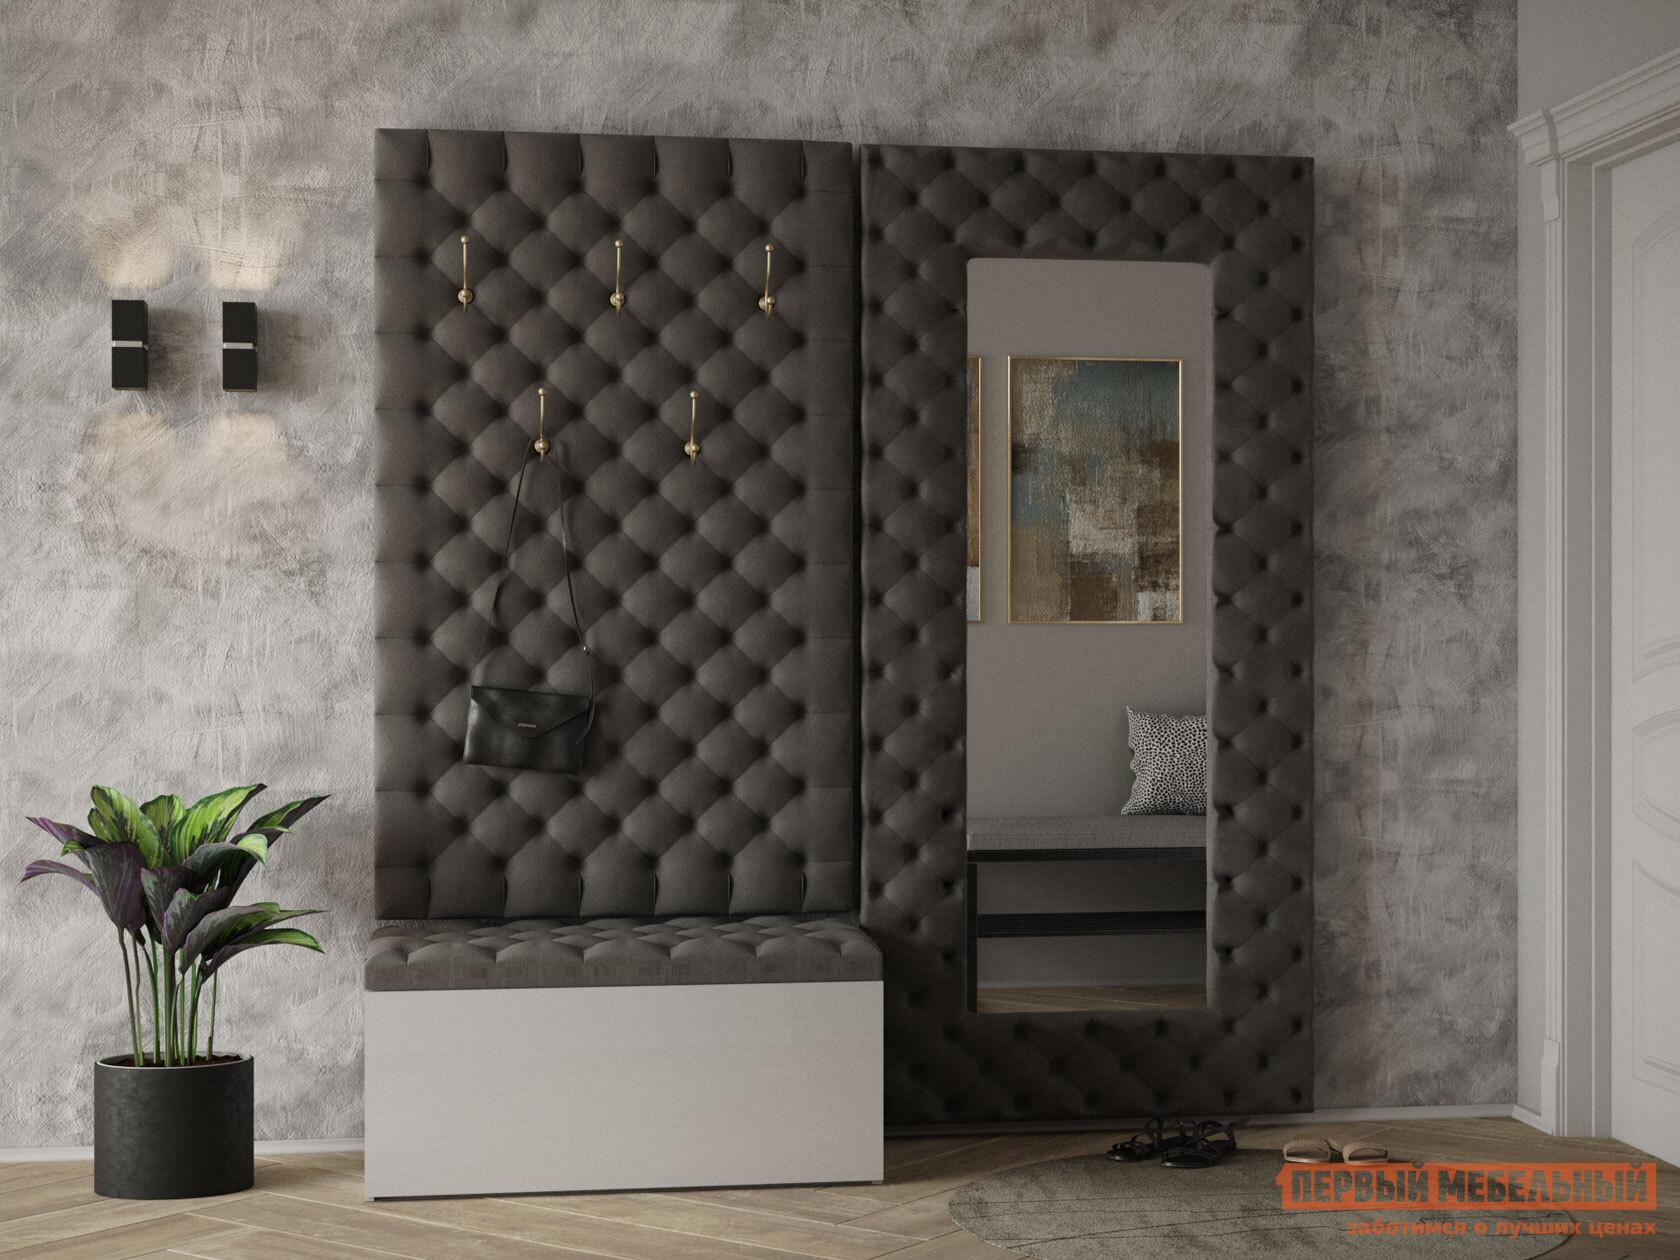 Комплект мебели для прихожей Мелания Комплект мебели для прихожей Графтон 1 тумбы для прихожей